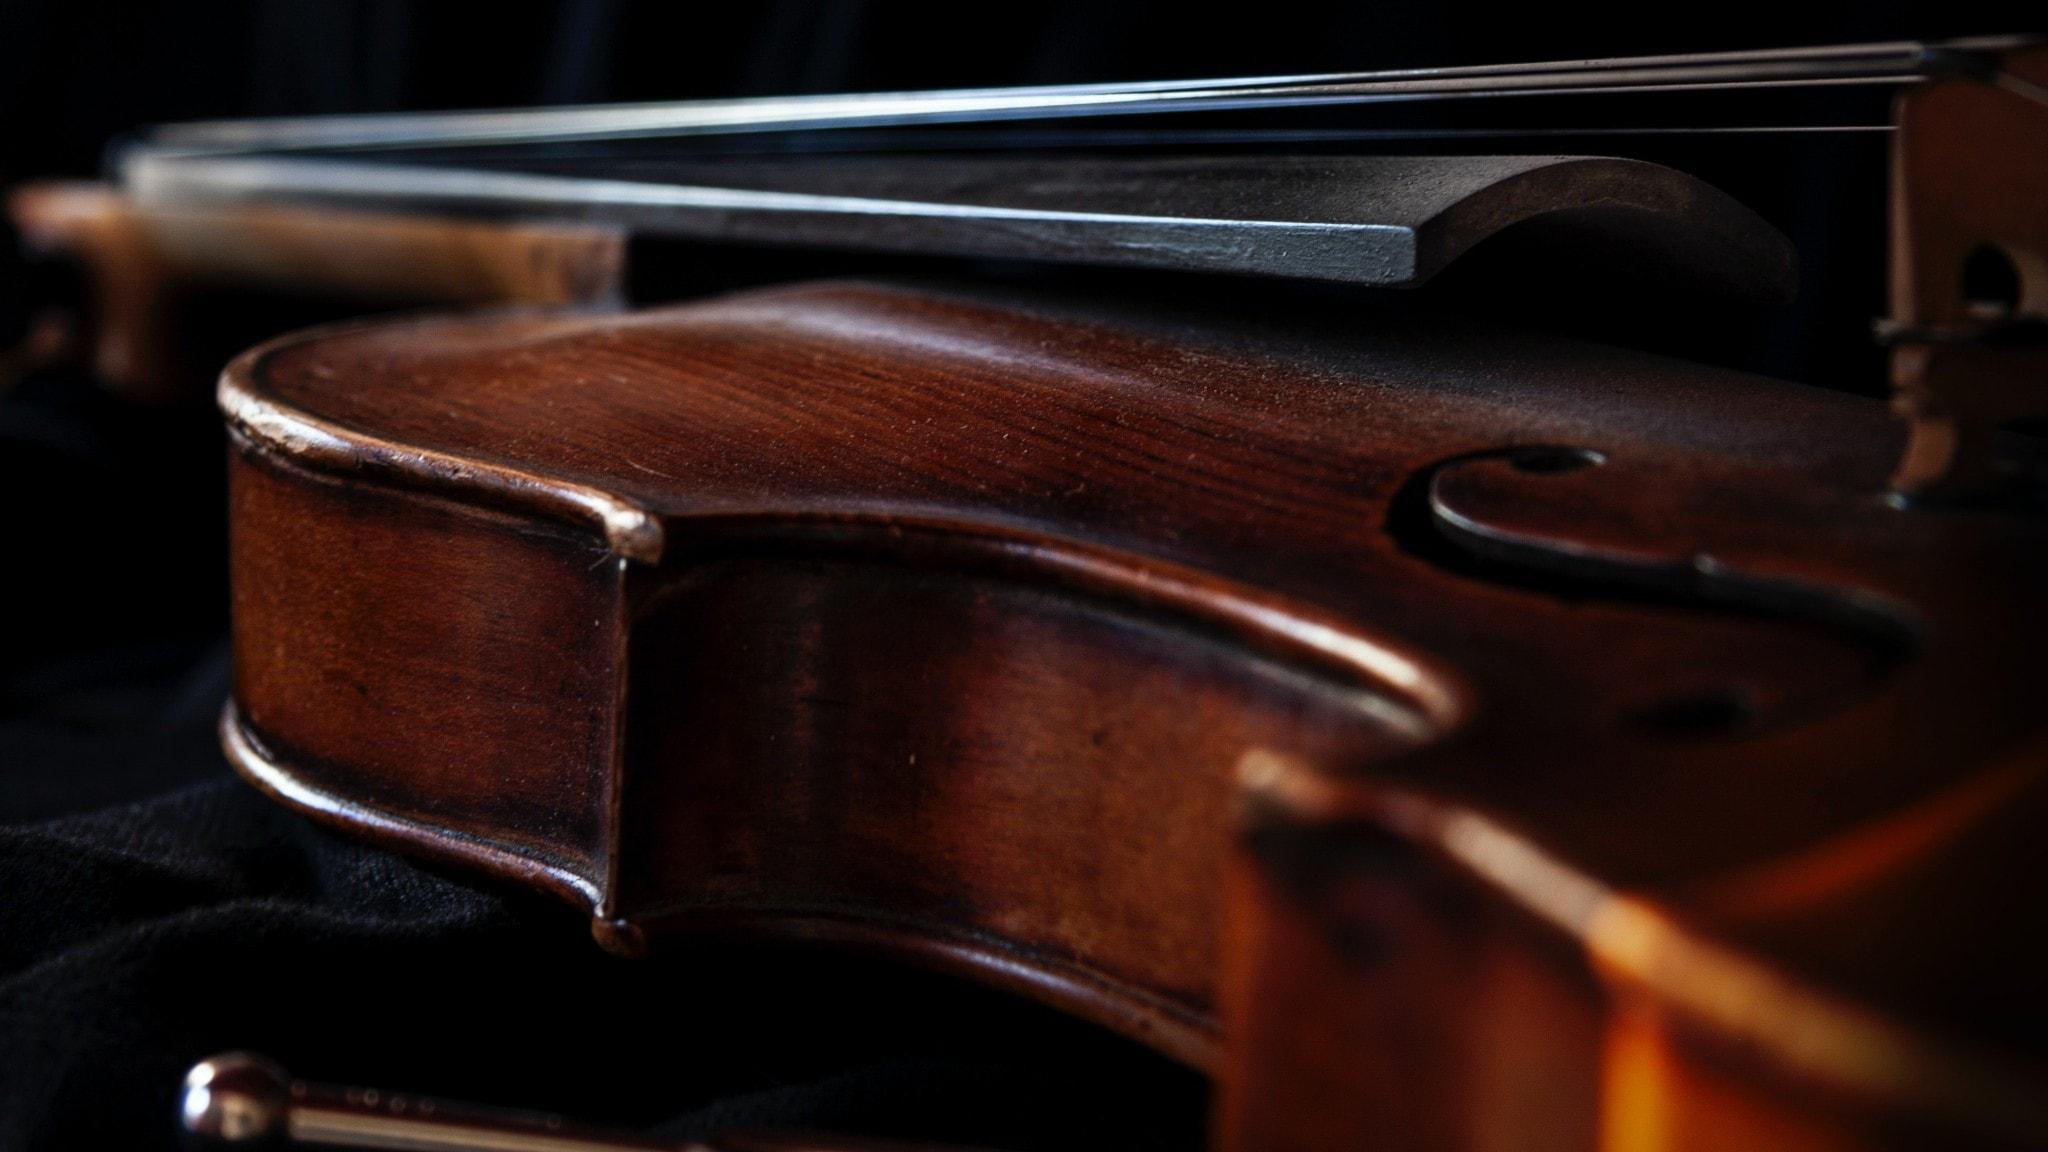 Närbild på violin - mörk bild.